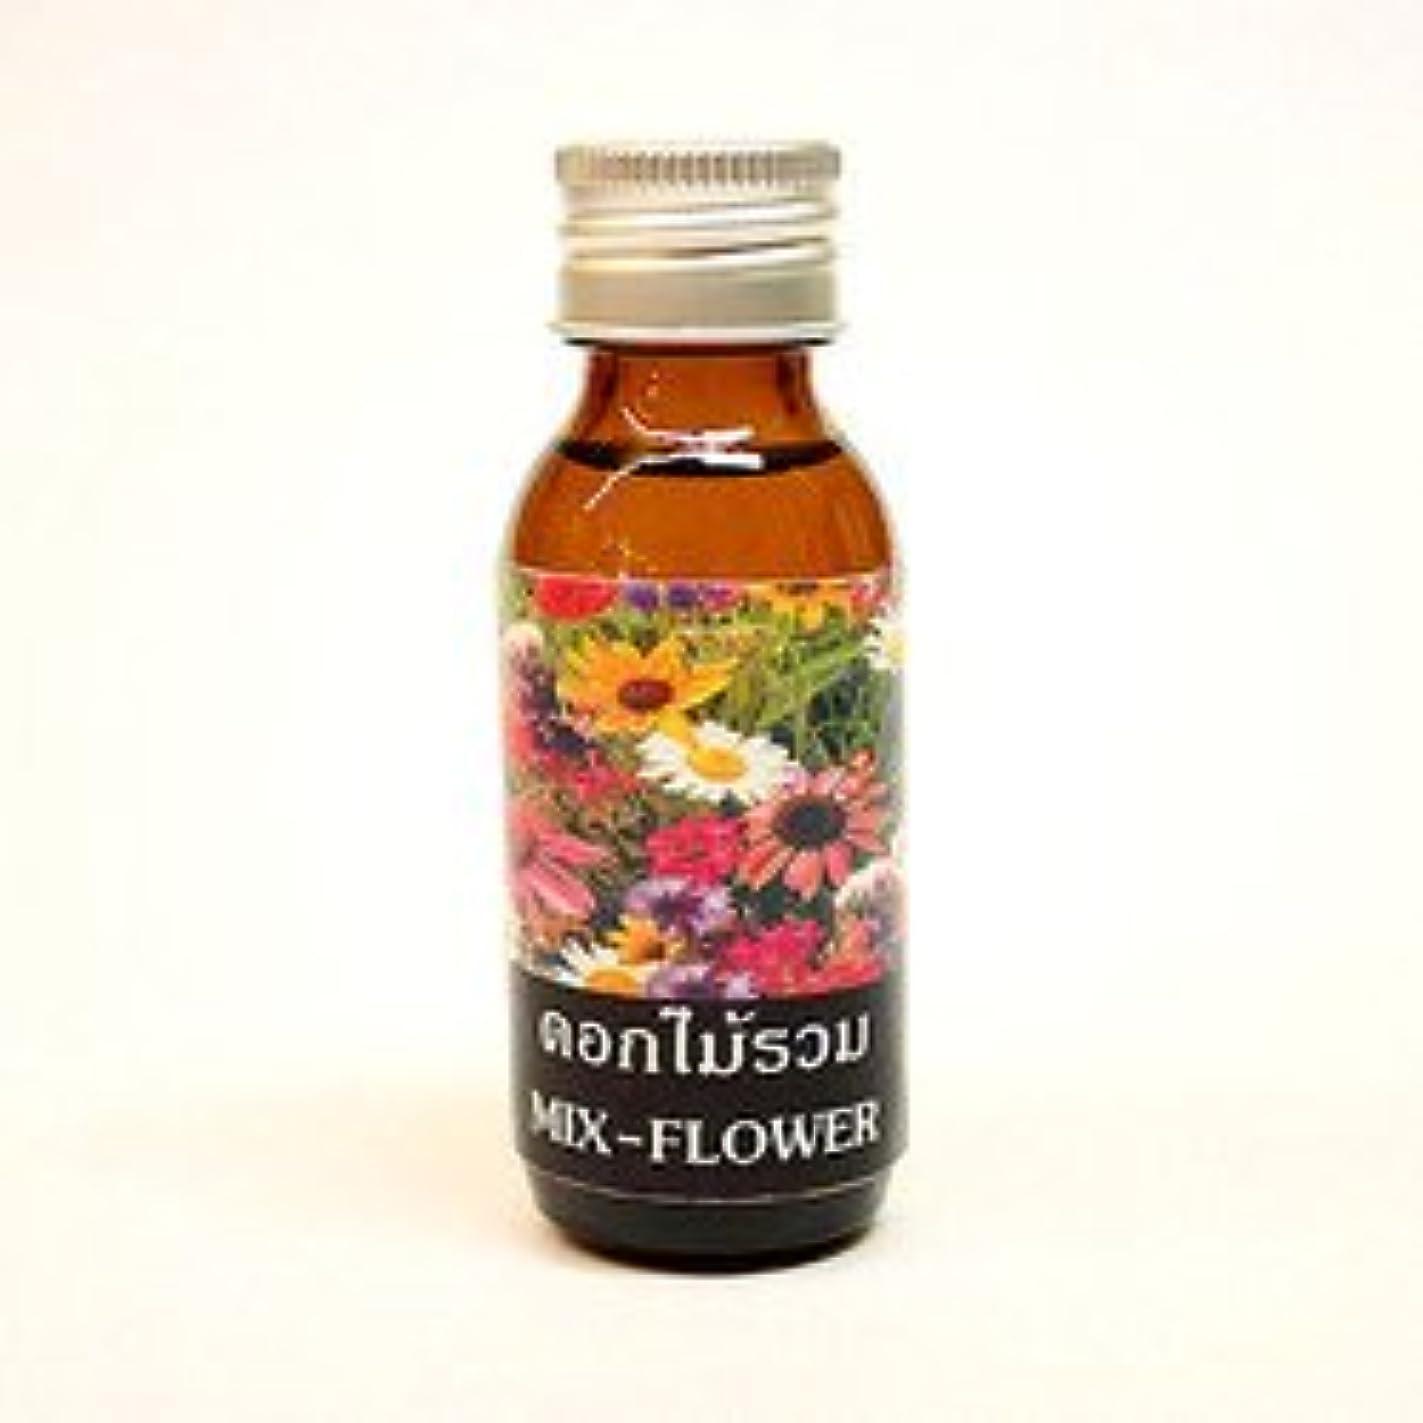 解くいっぱい十ミックスフラワー 〔Mix-Flower〕 アロマテラピーオイル 30ml アジアン雑貨